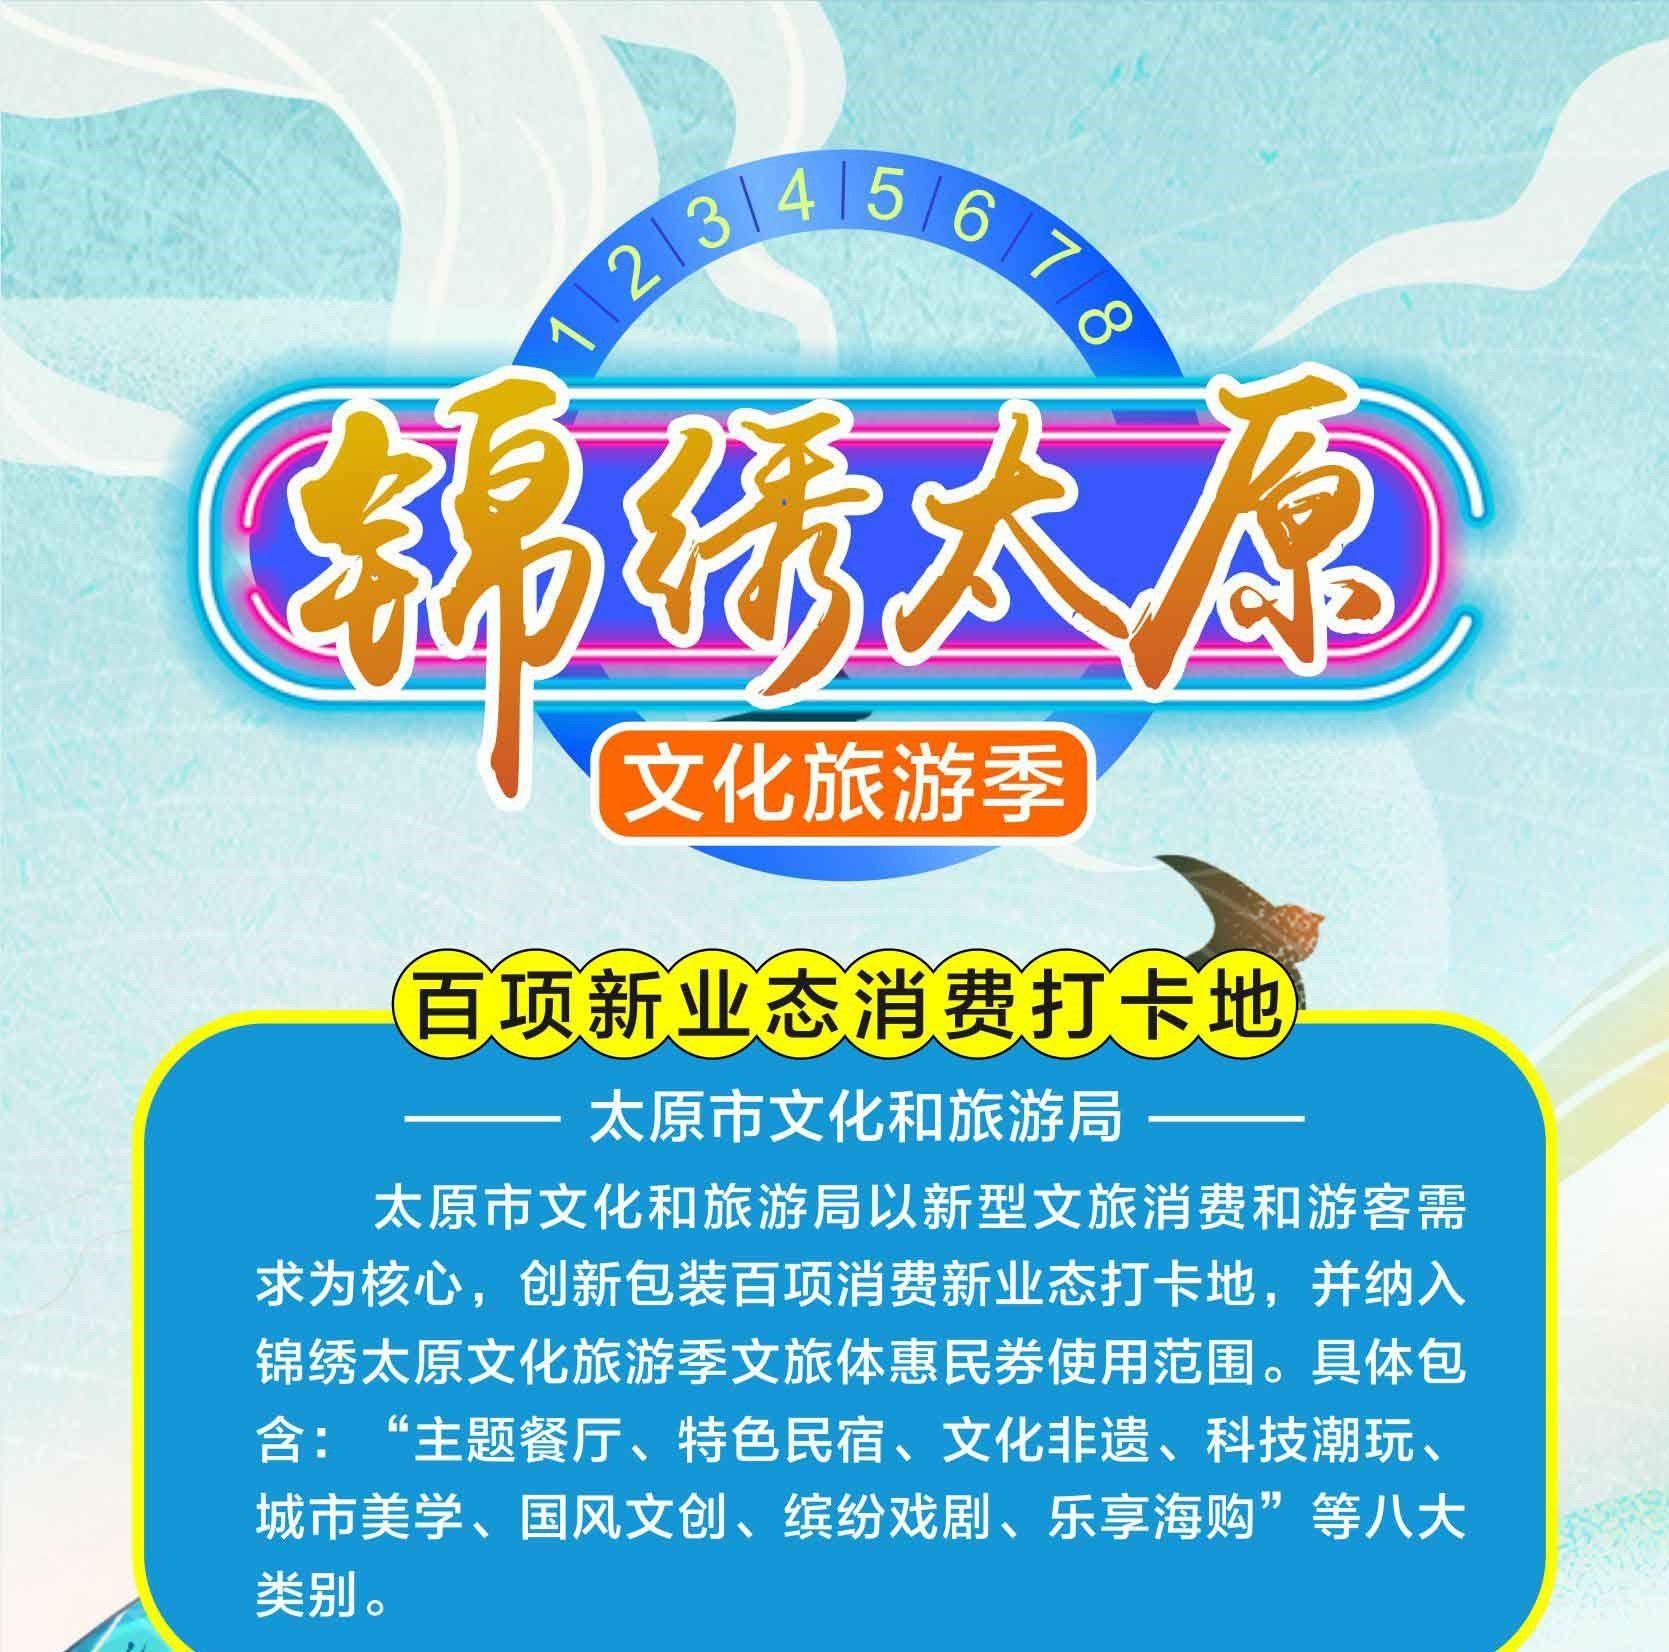 锦绣太原文化旅游季---百项新业态消费打卡地